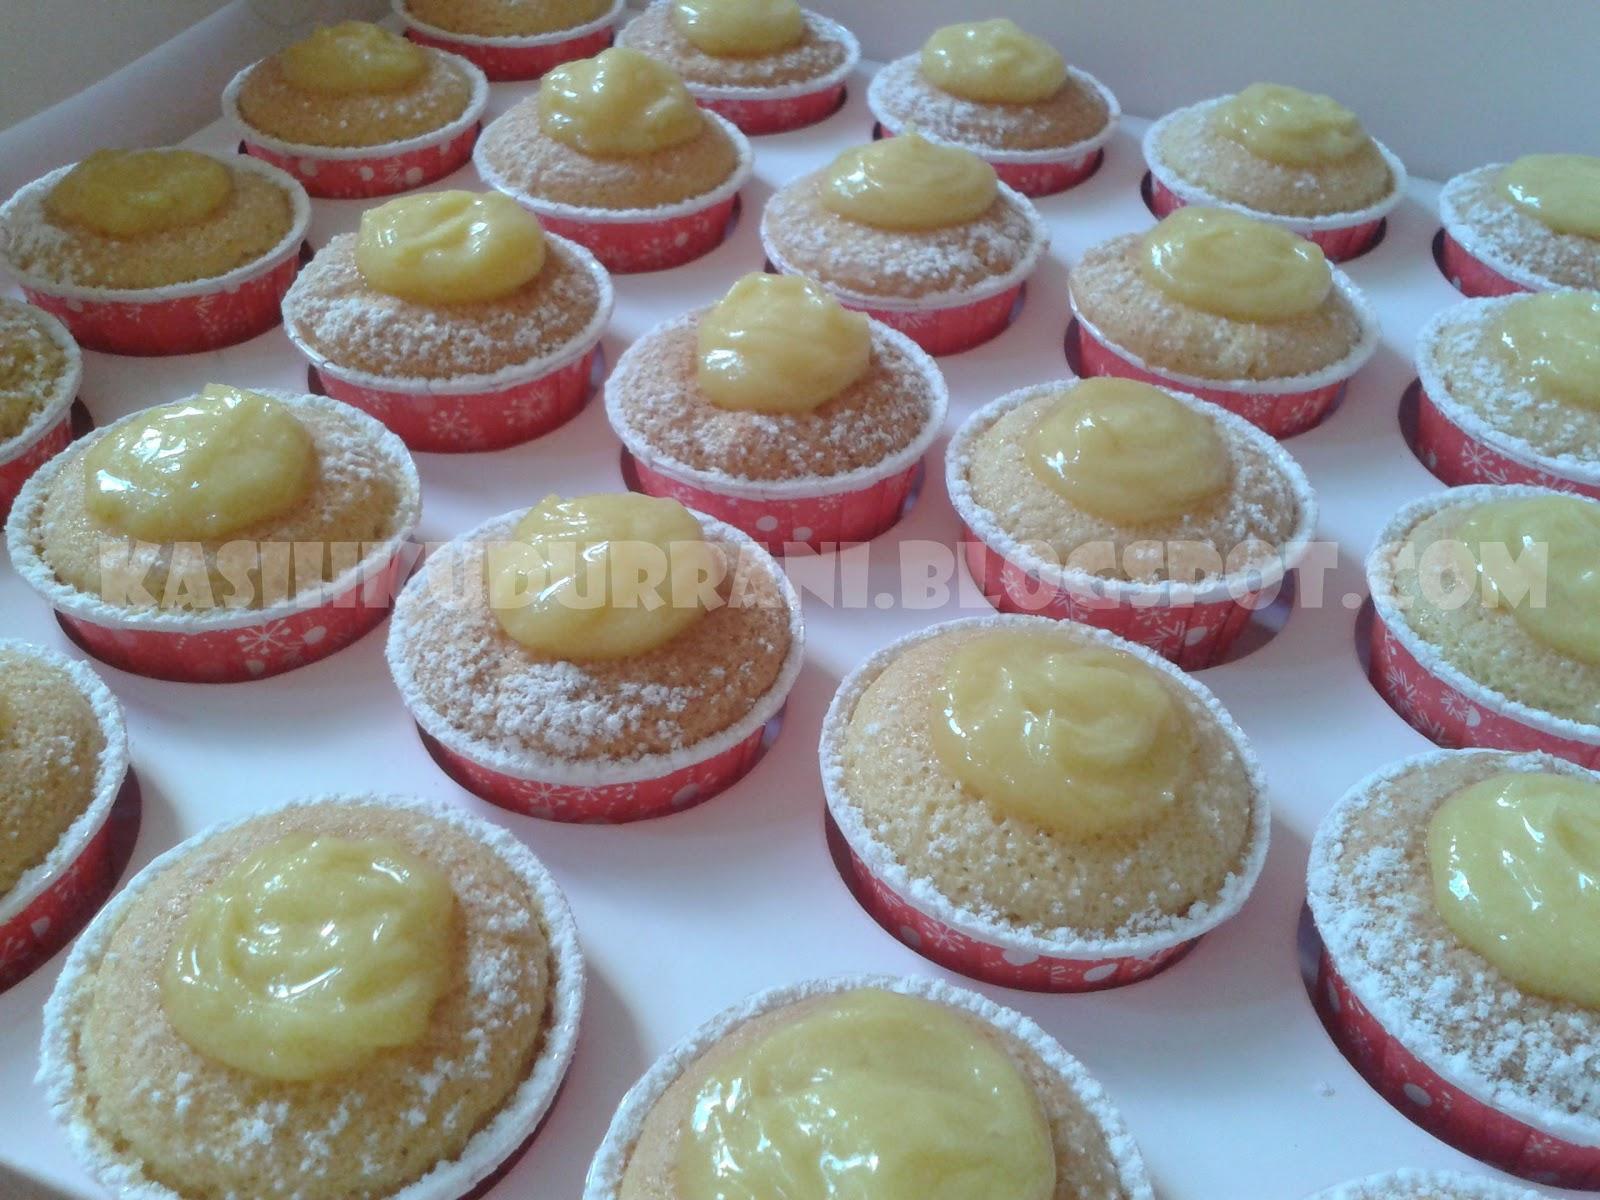 25 pcs Hokkaido Chiffon Cupcake